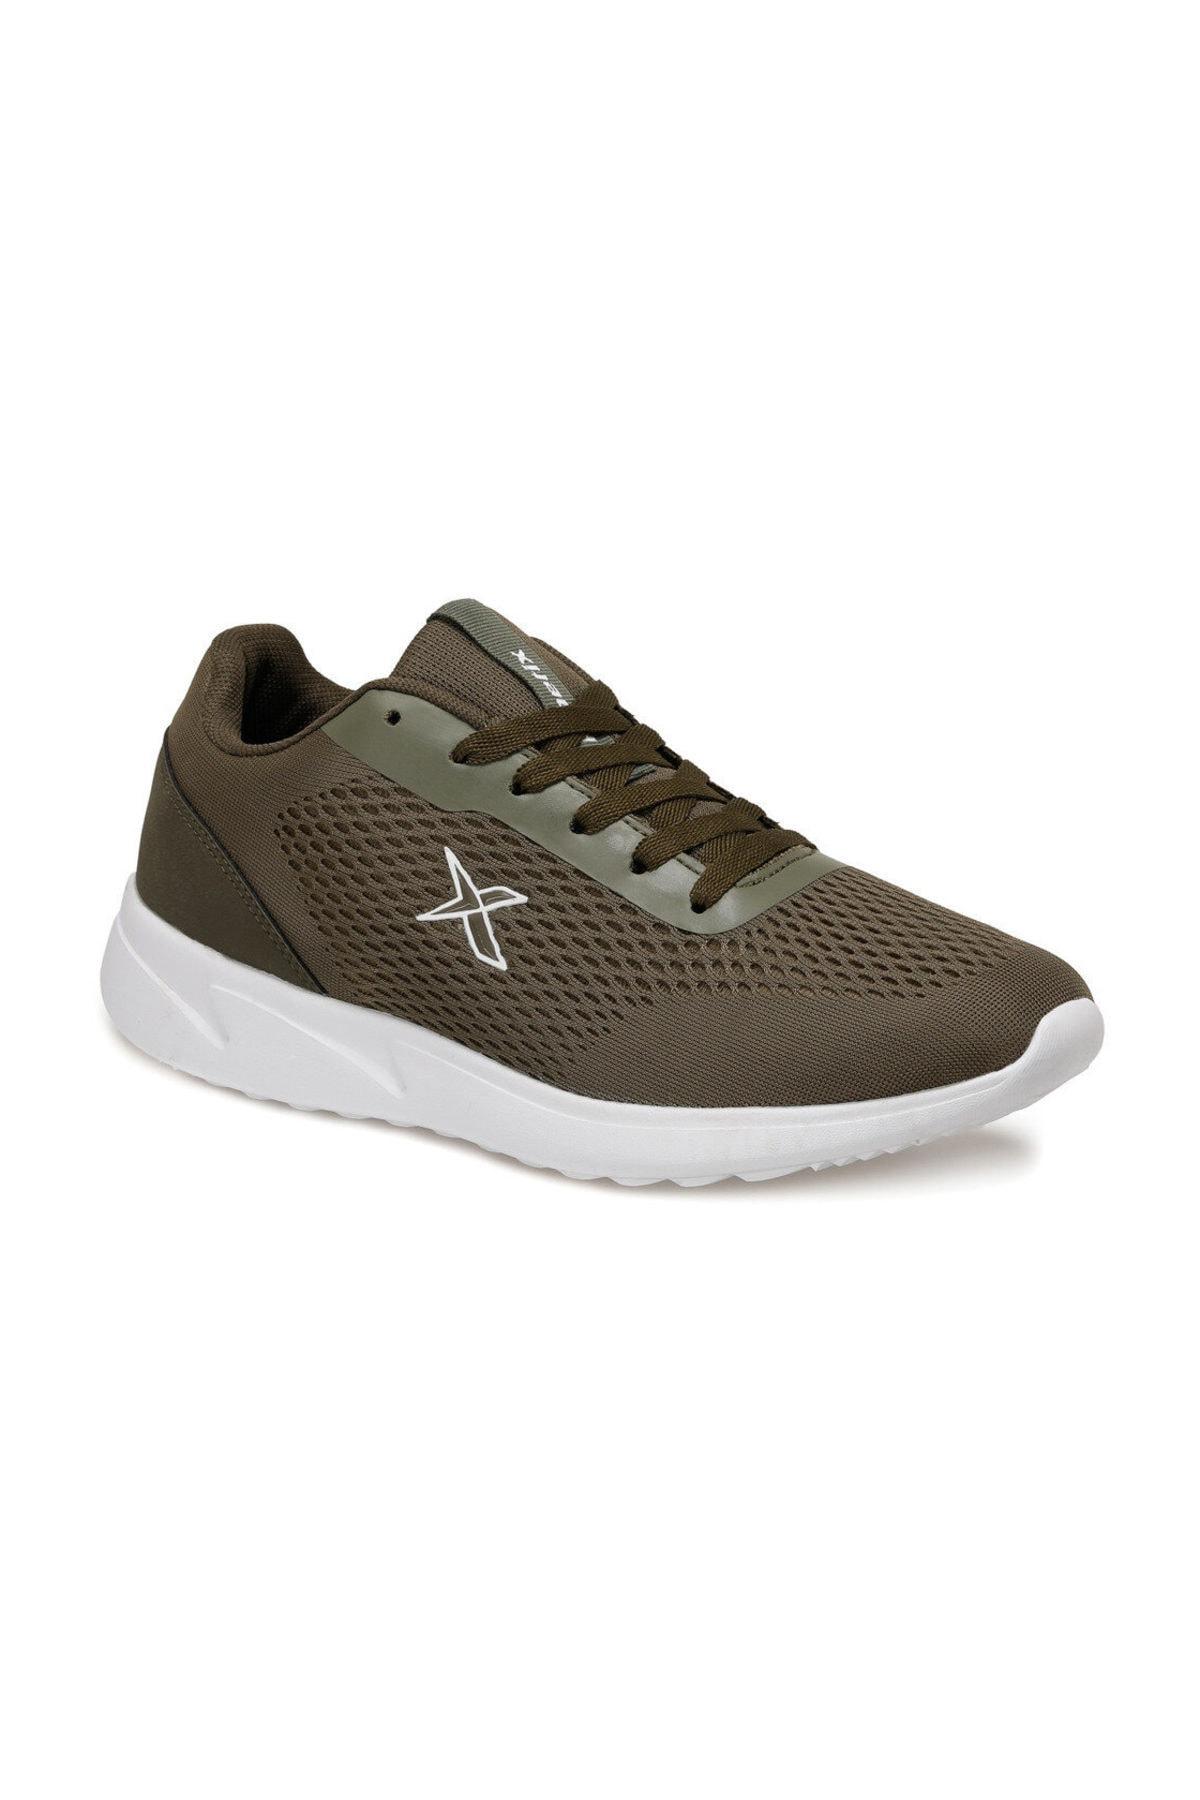 Kinetix MORRIS M Haki Erkek Sneaker Ayakkabı 100378710 1